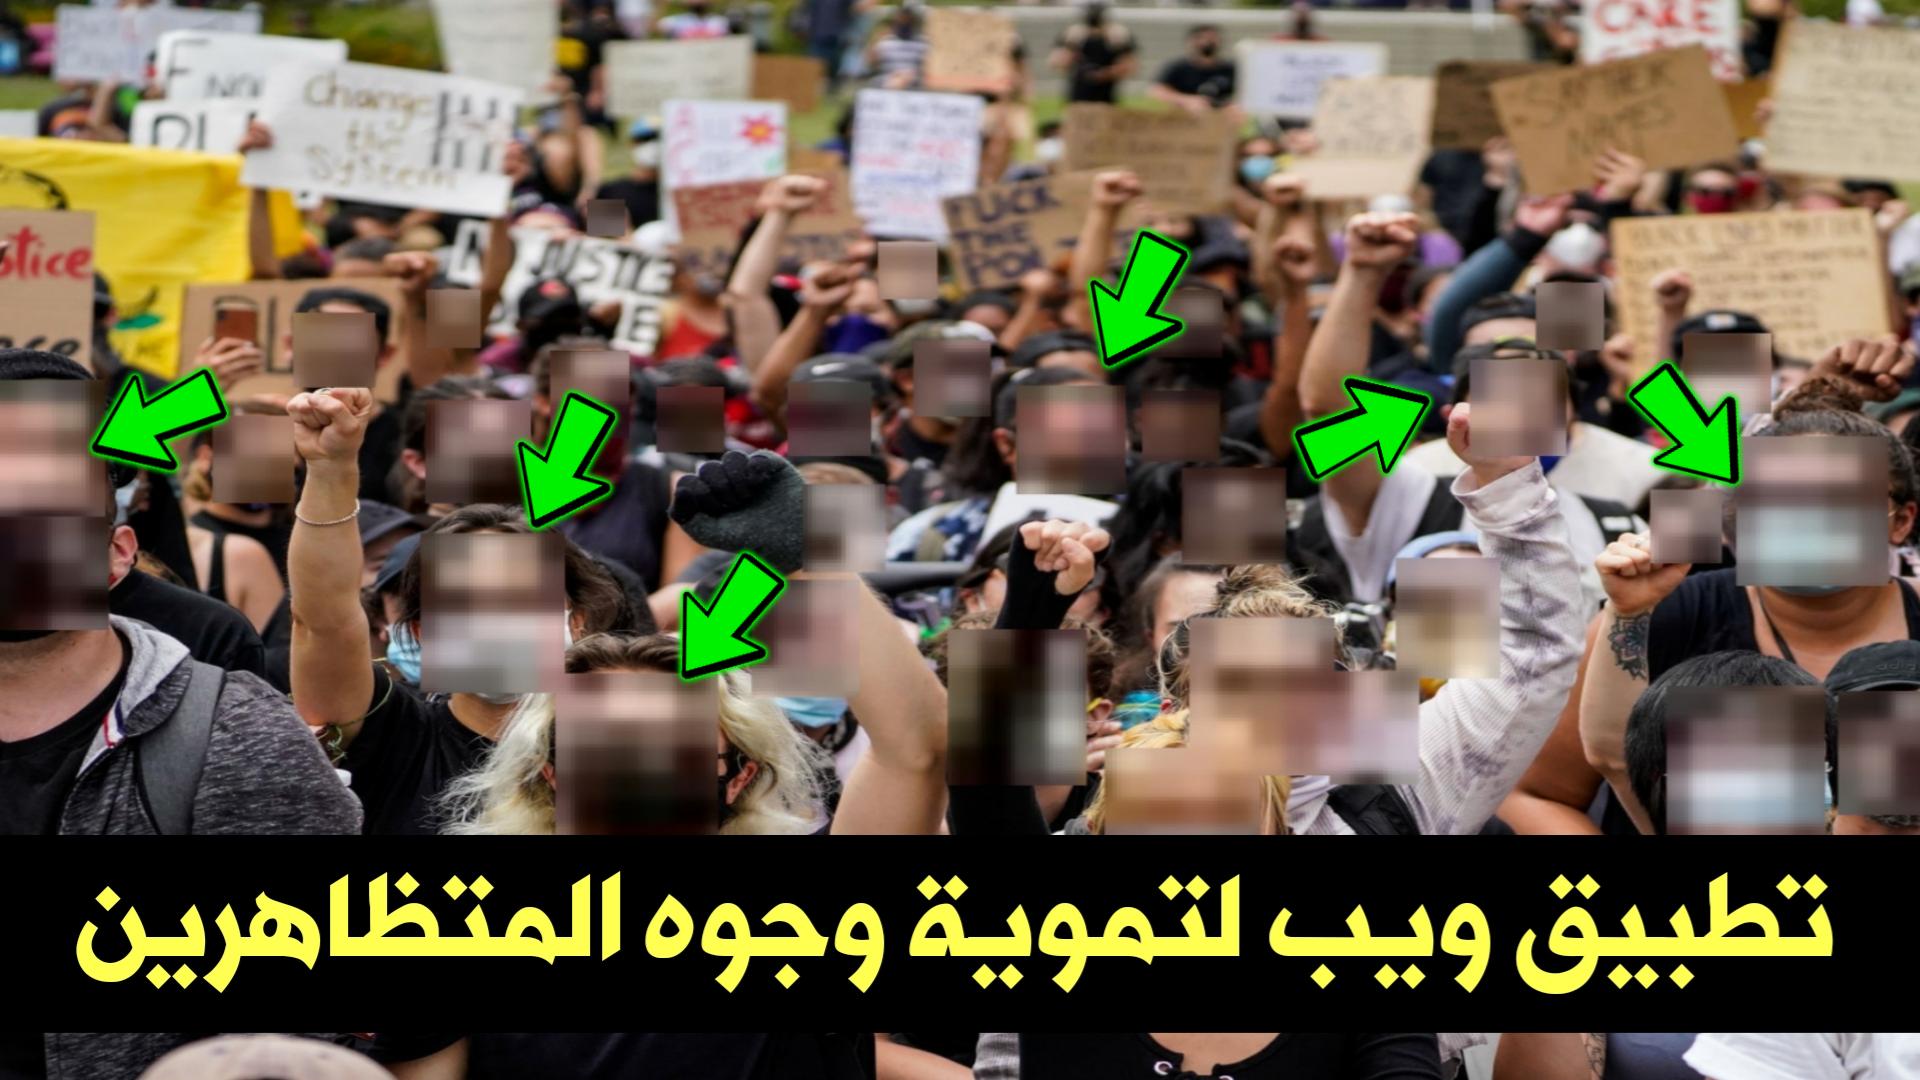 تطبيق ويب لتموية وجوه المتظاهرين الأمريكيين وتشفيرها لحمايتهم من تقنية التعرف على الوجة